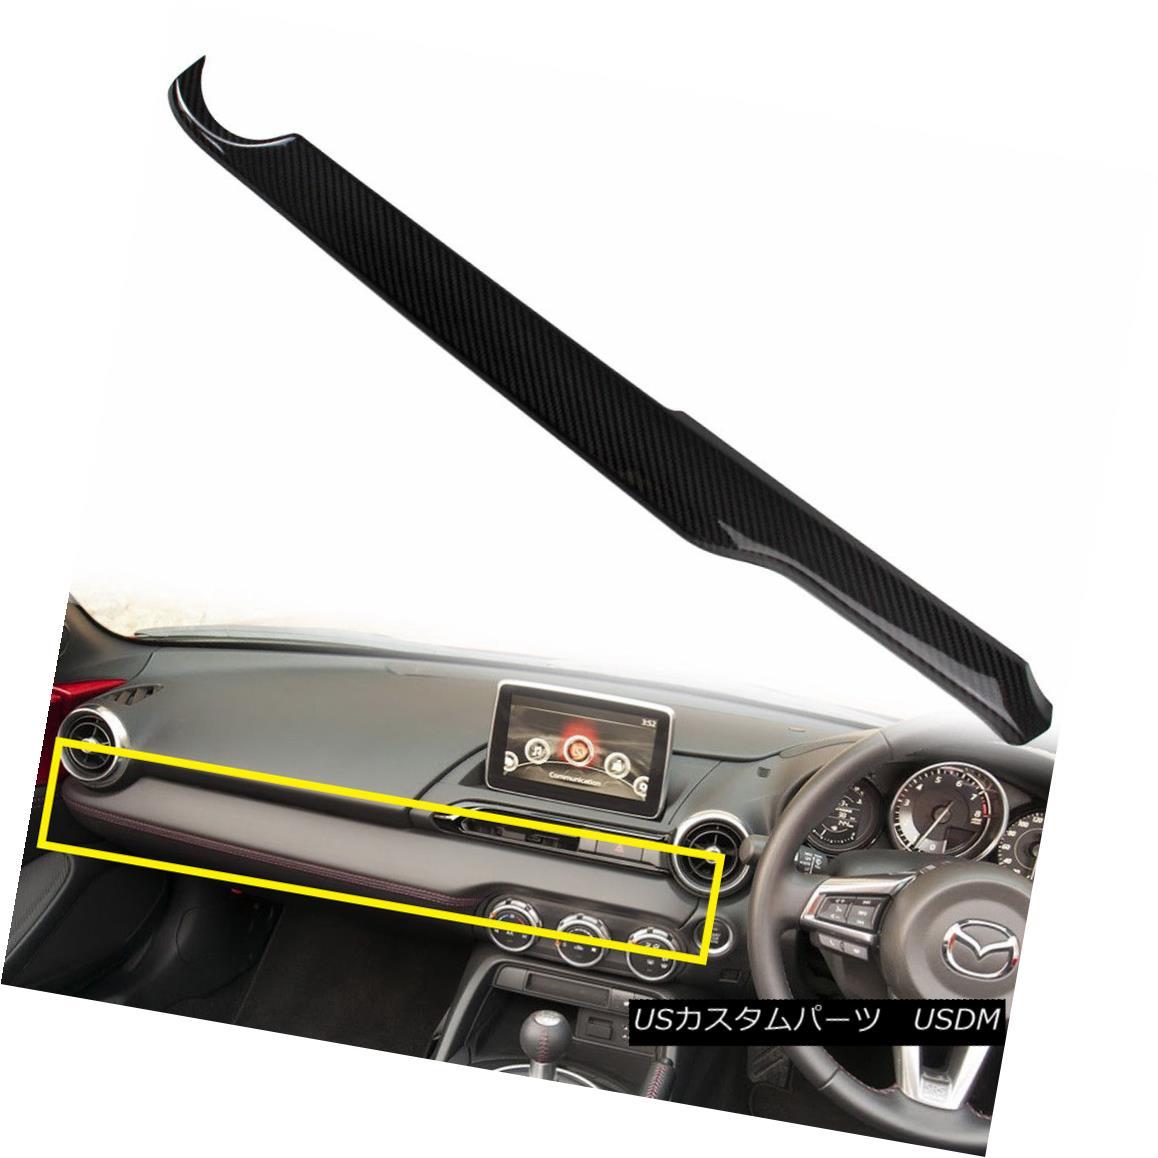 エアロパーツ Carbon Miata MX-5 ND 4th Center Console Panel Trim Right Drive 2017 For Mazda カーボンMiata MX-5 ND 4thセンターコンソールパネルトリムライトドライブ2017マツダ用